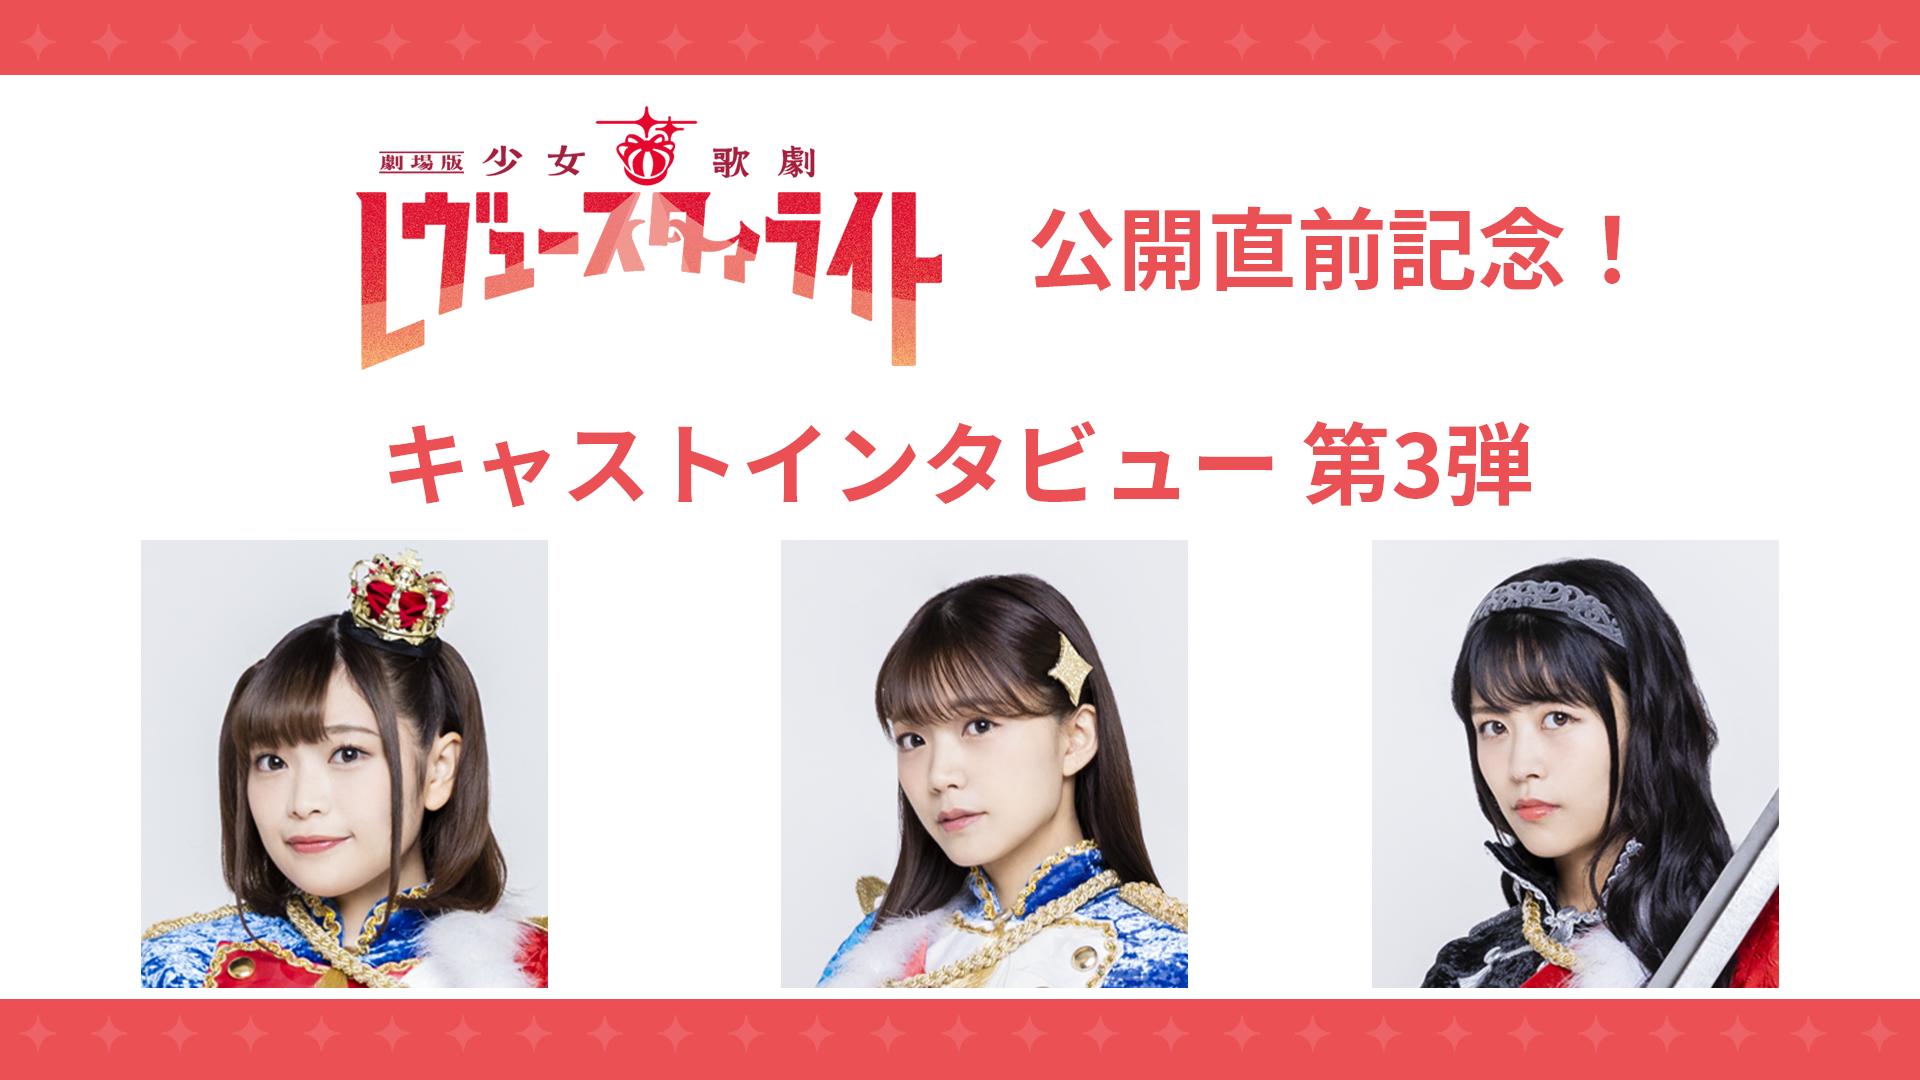 『劇場版 少女☆歌劇 レヴュースタァライト』インタビュー 第3弾